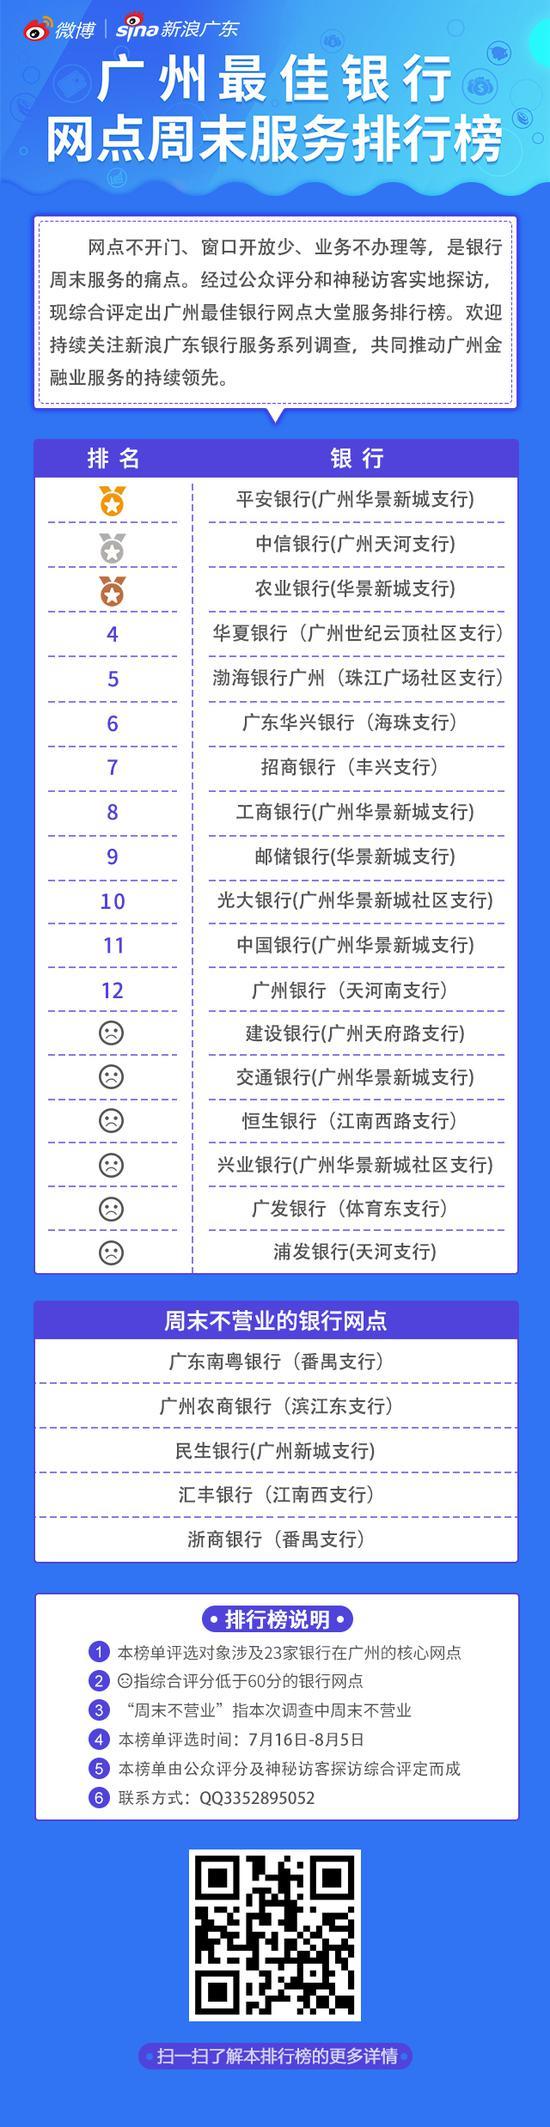 新浪广东《广州各银行网点周末服务排行榜》正式发布